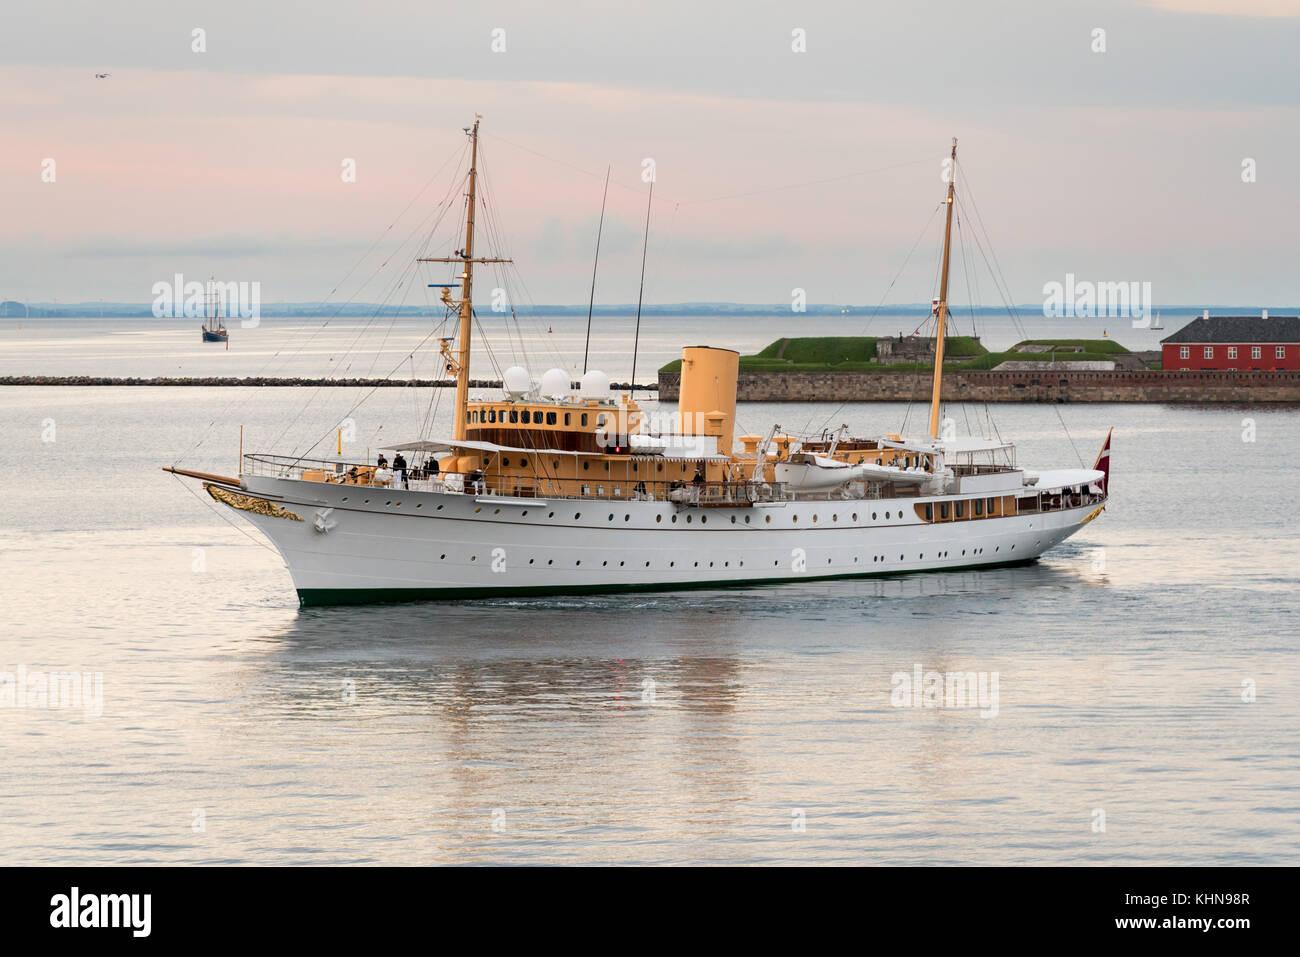 Her Danish Majesty Yacht Dannebrog in Copenhagen harbour - Stock Image